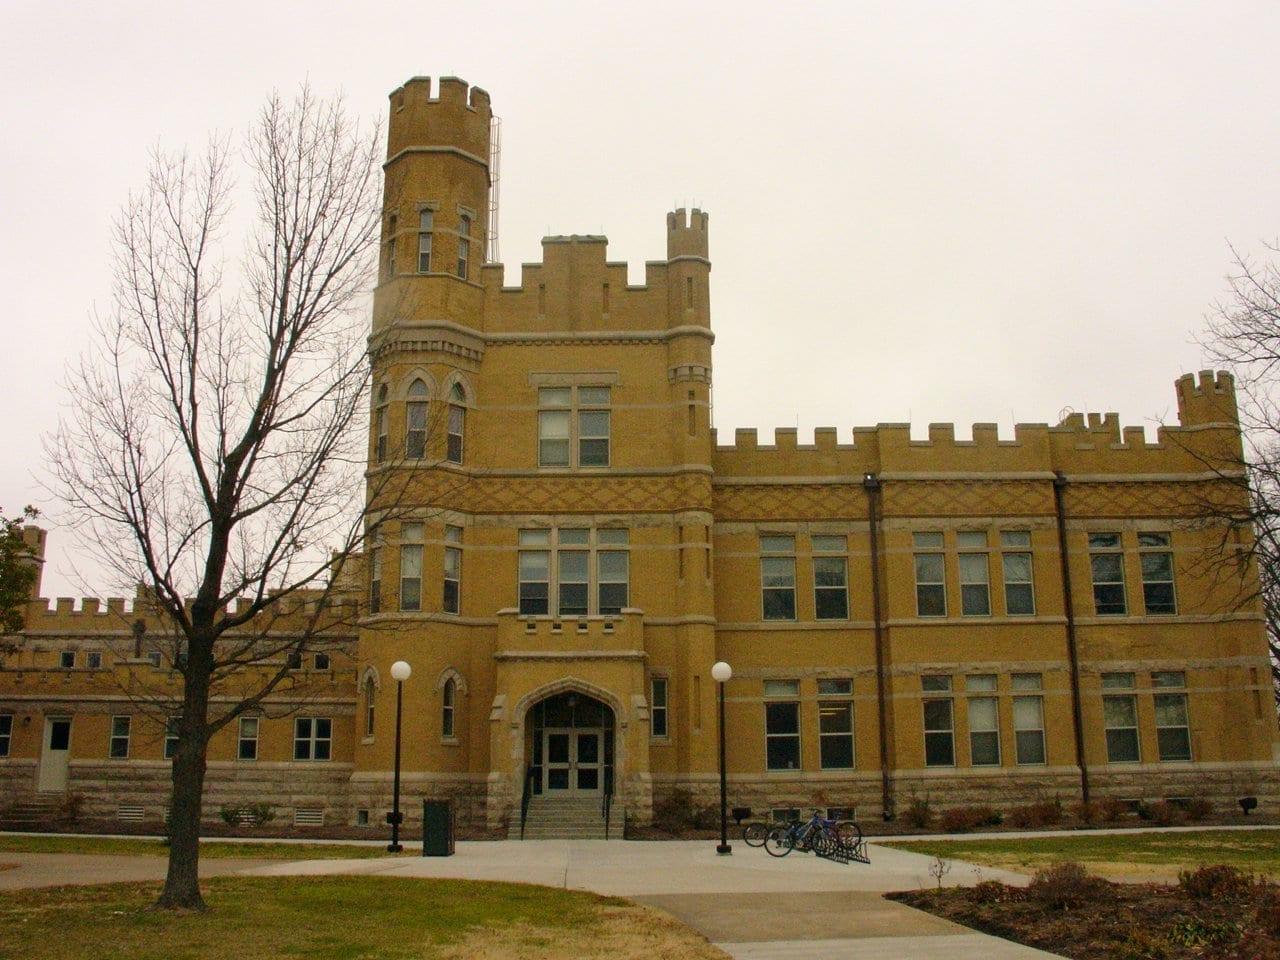 Altgeld Hall en el campus de la UEI Carbondale Estados Unidos